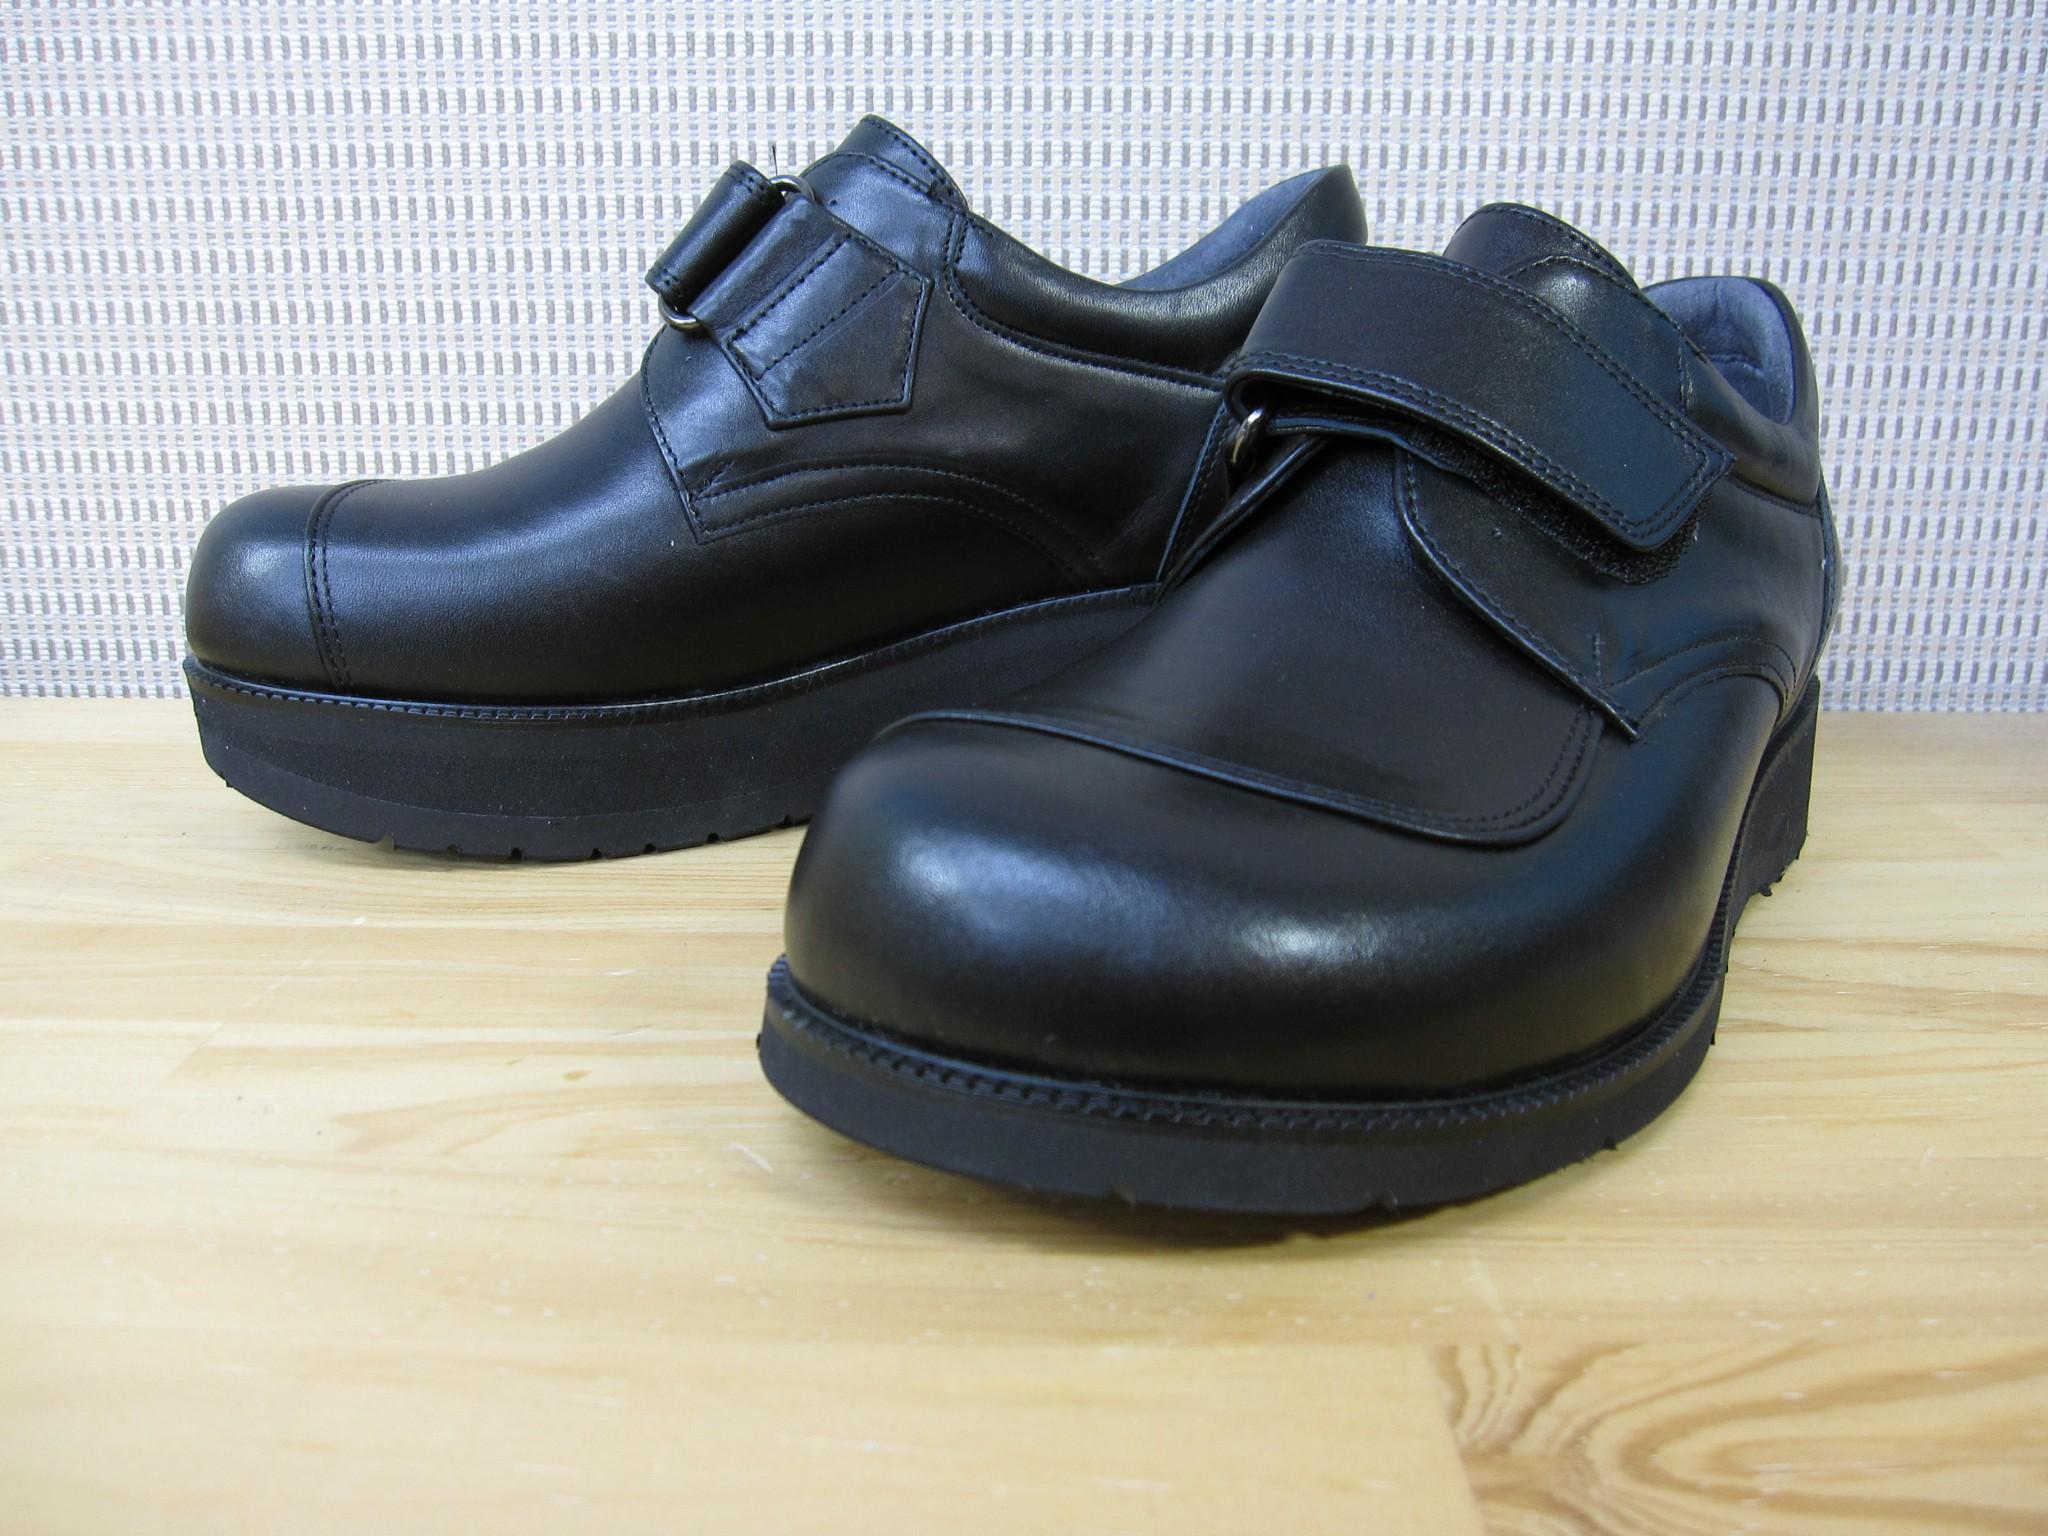 股関節変形症の方の脚長差補正用の靴